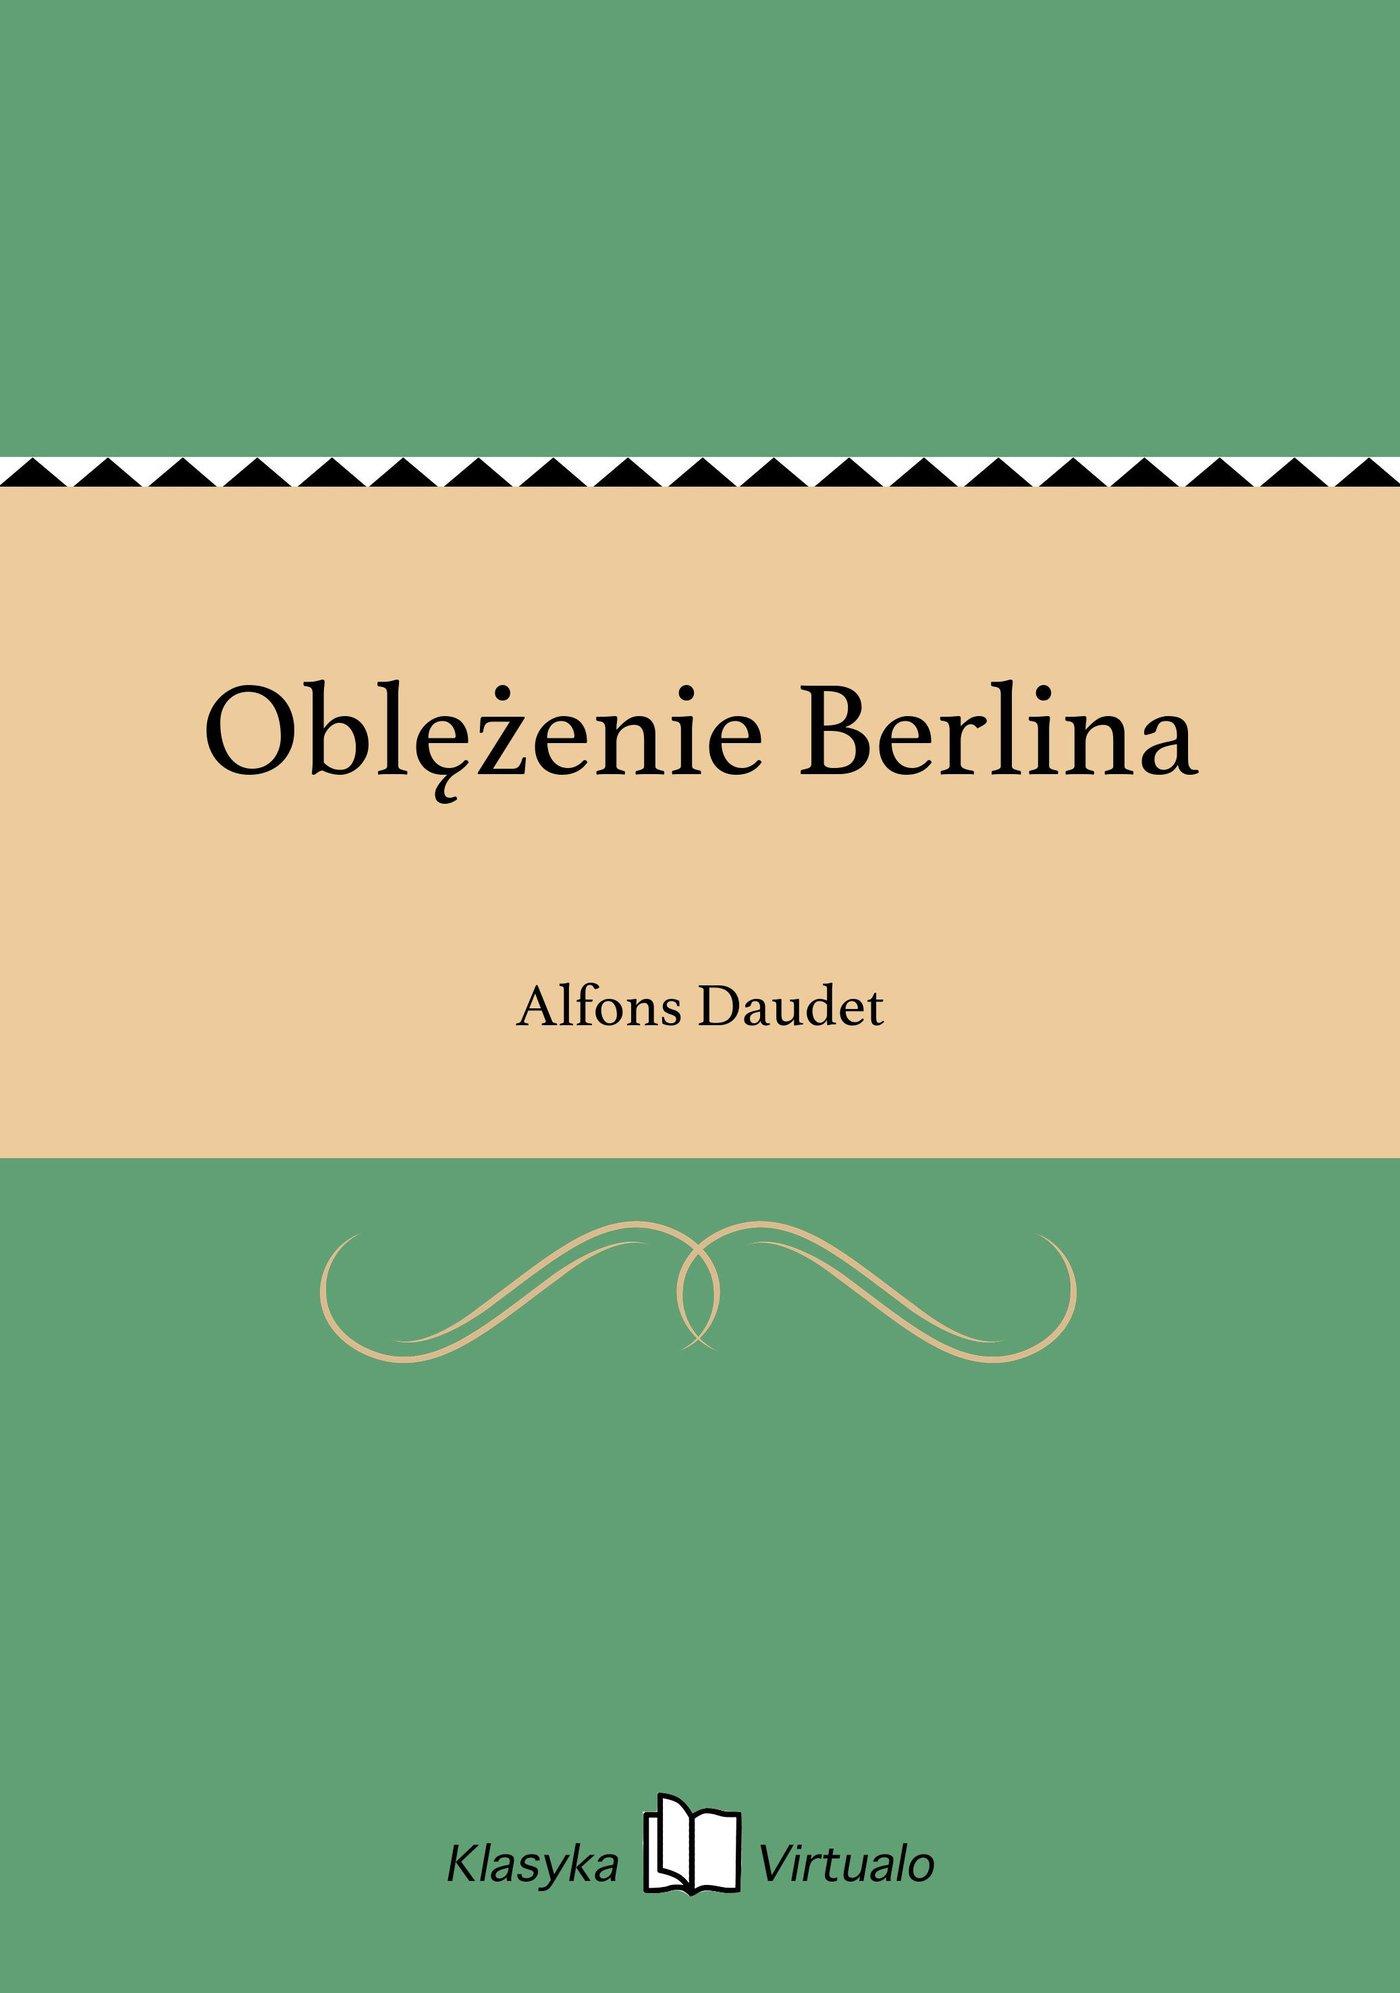 Oblężenie Berlina - Ebook (Książka EPUB) do pobrania w formacie EPUB